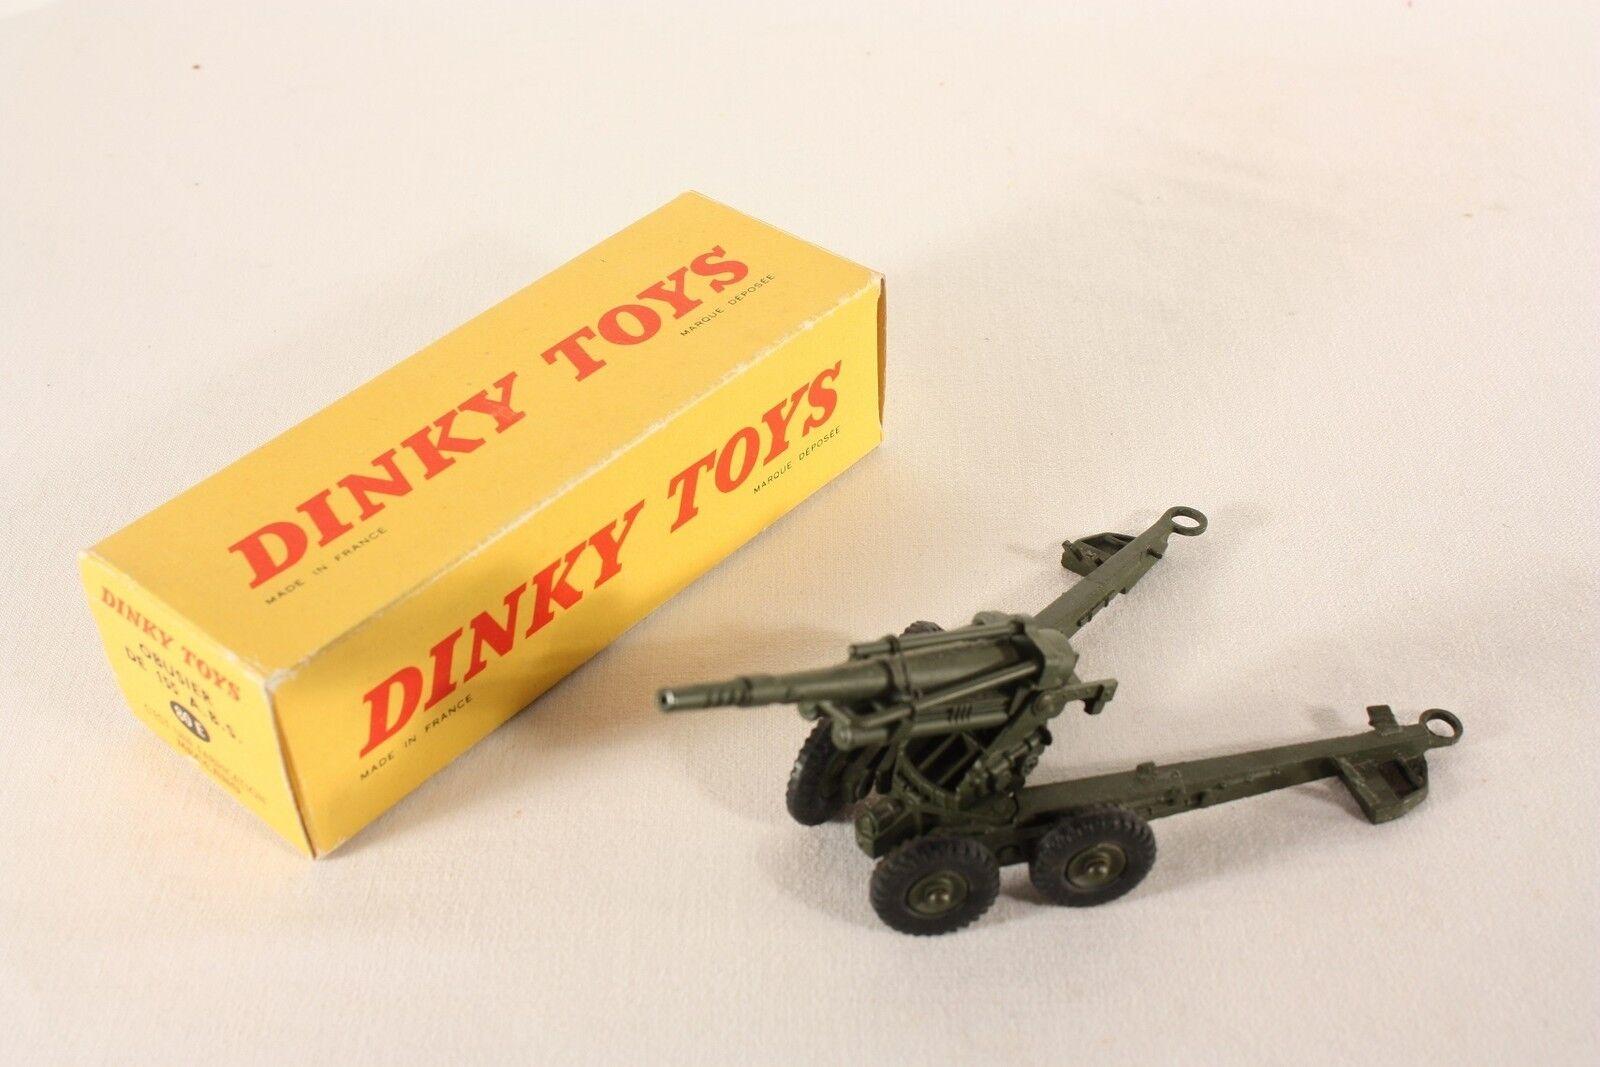 DINKY TOYS 80 E, obusier de 155 a.  B.S., Comme neuf Dans Box  ab746  qualité authentique